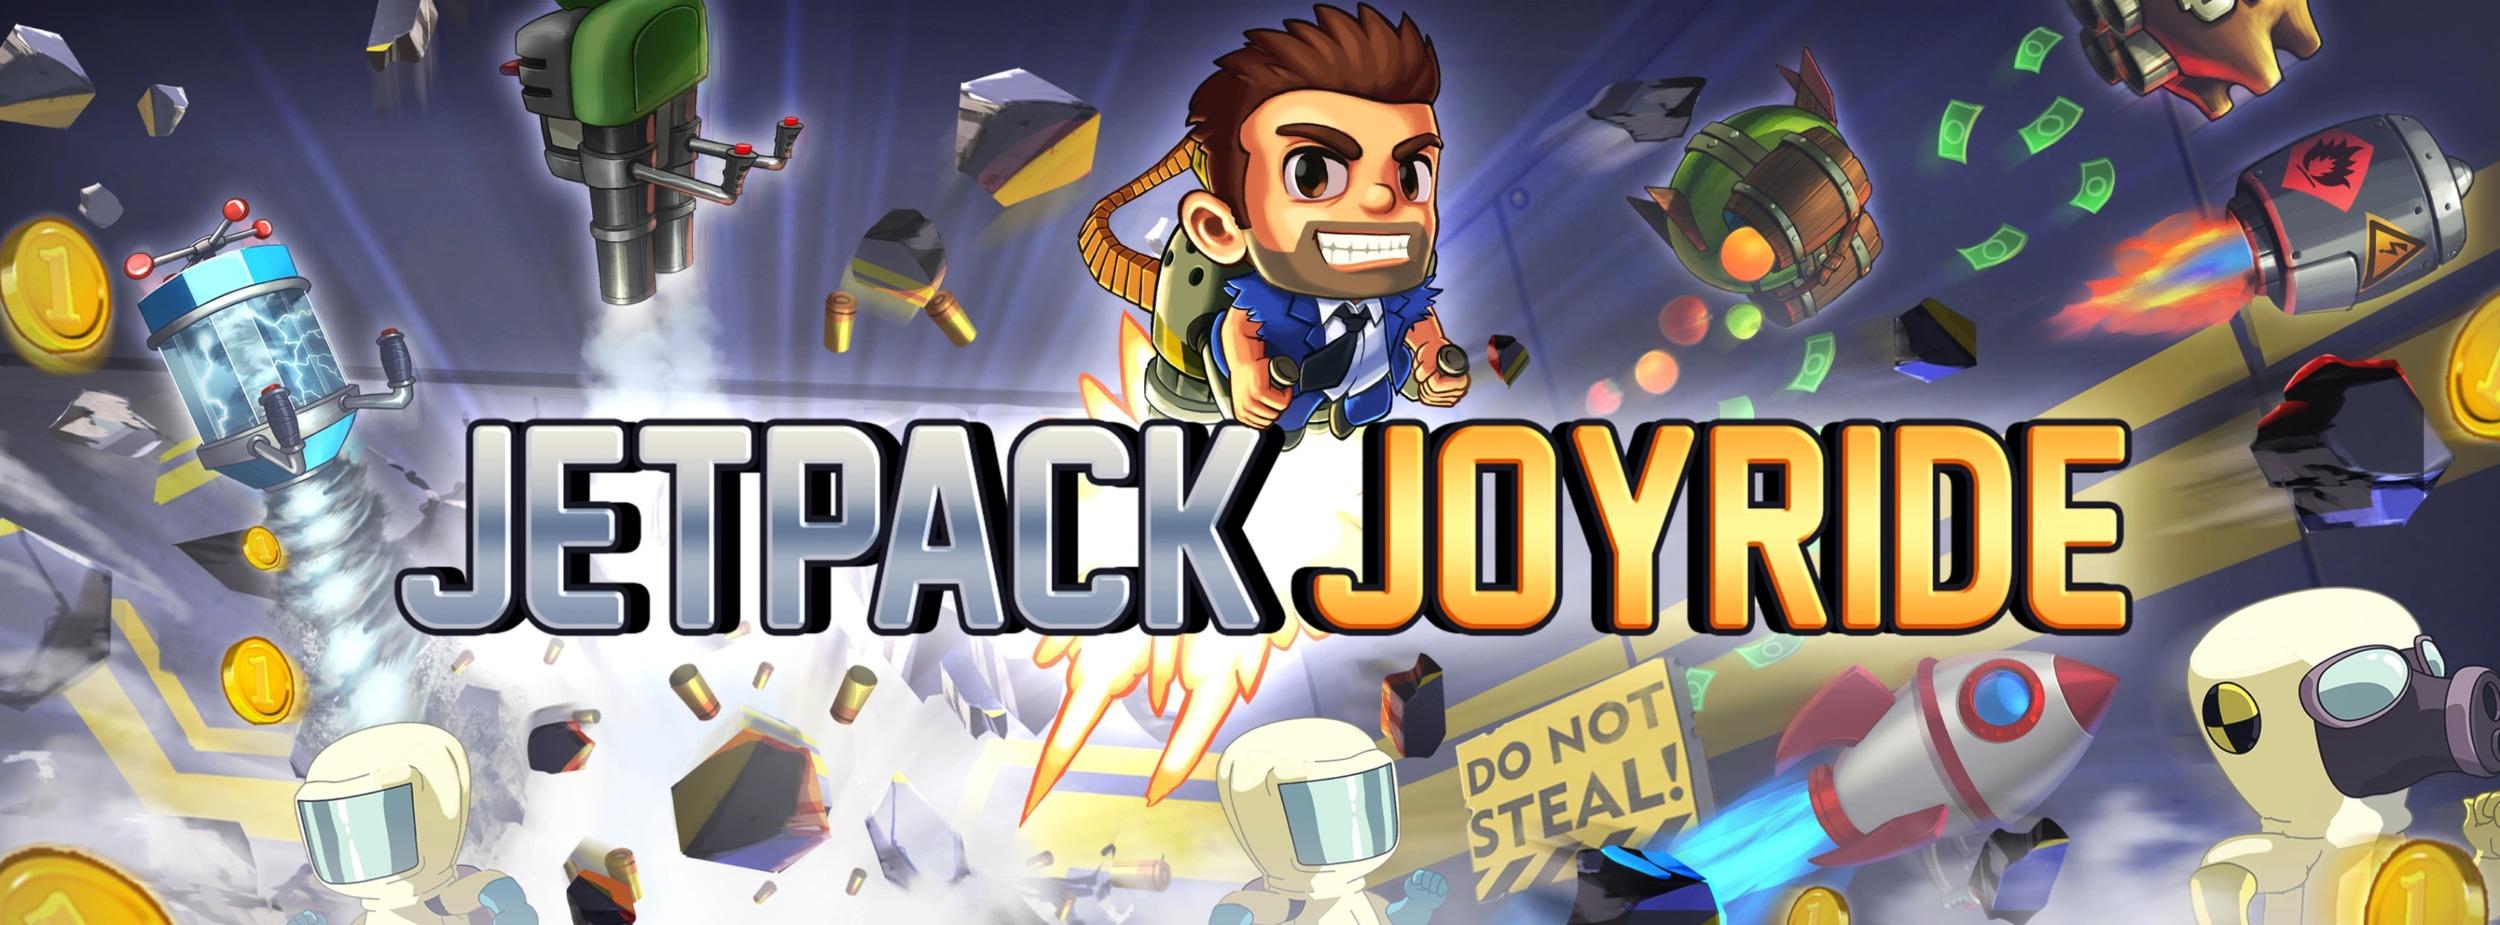 Jetpack Joyride míří do Apple Arcade